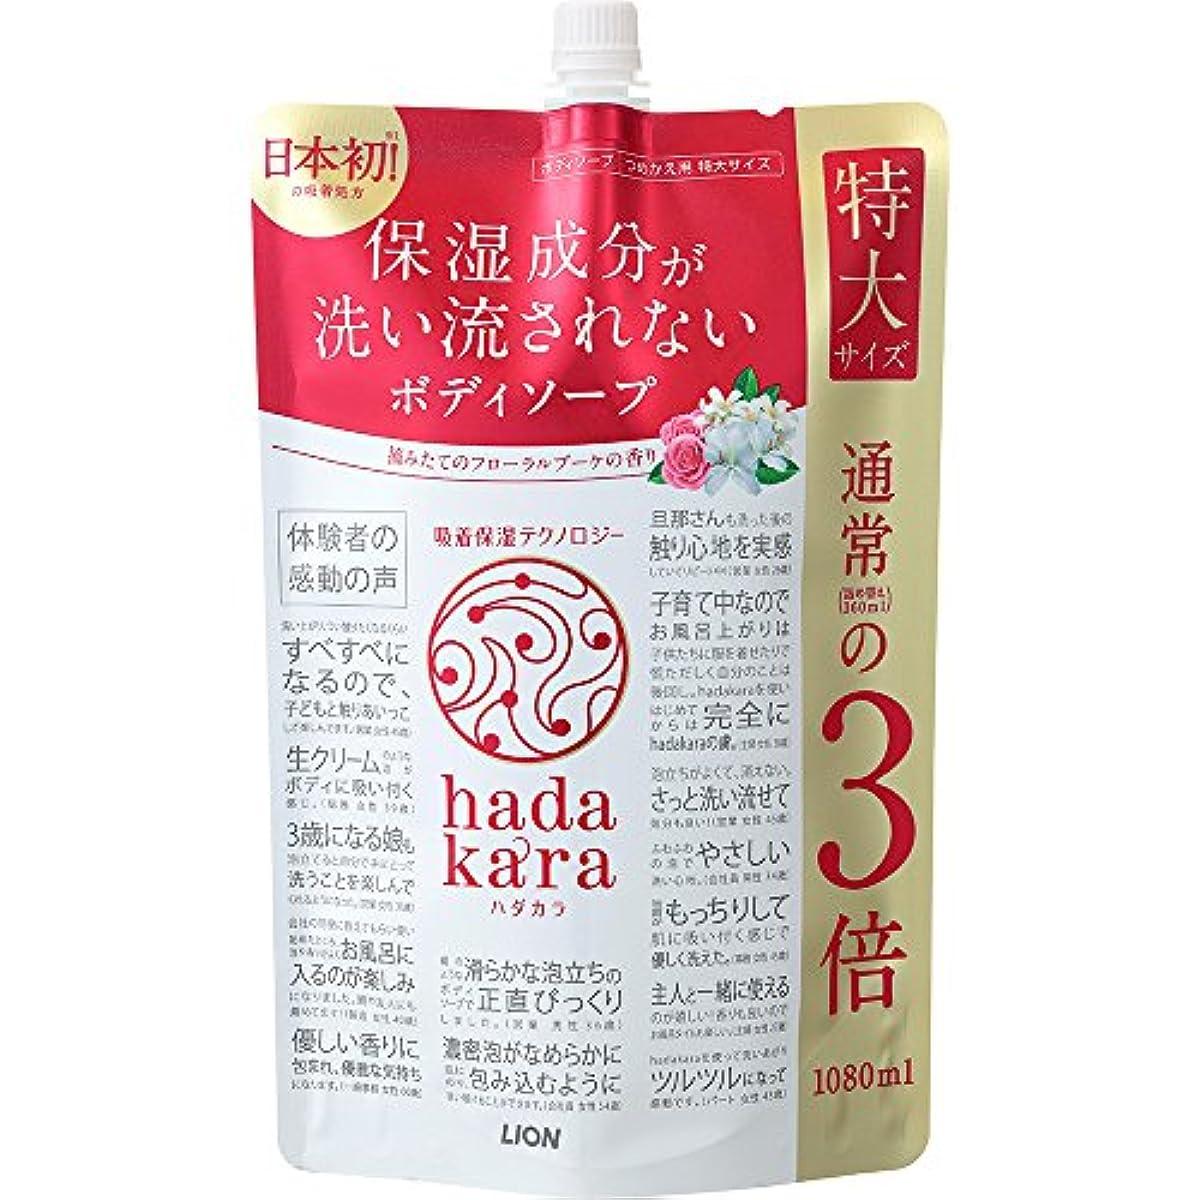 やる転用千【大容量】hadakara(ハダカラ) ボディソープ フローラルブーケの香り 詰め替え 特大 1080ml